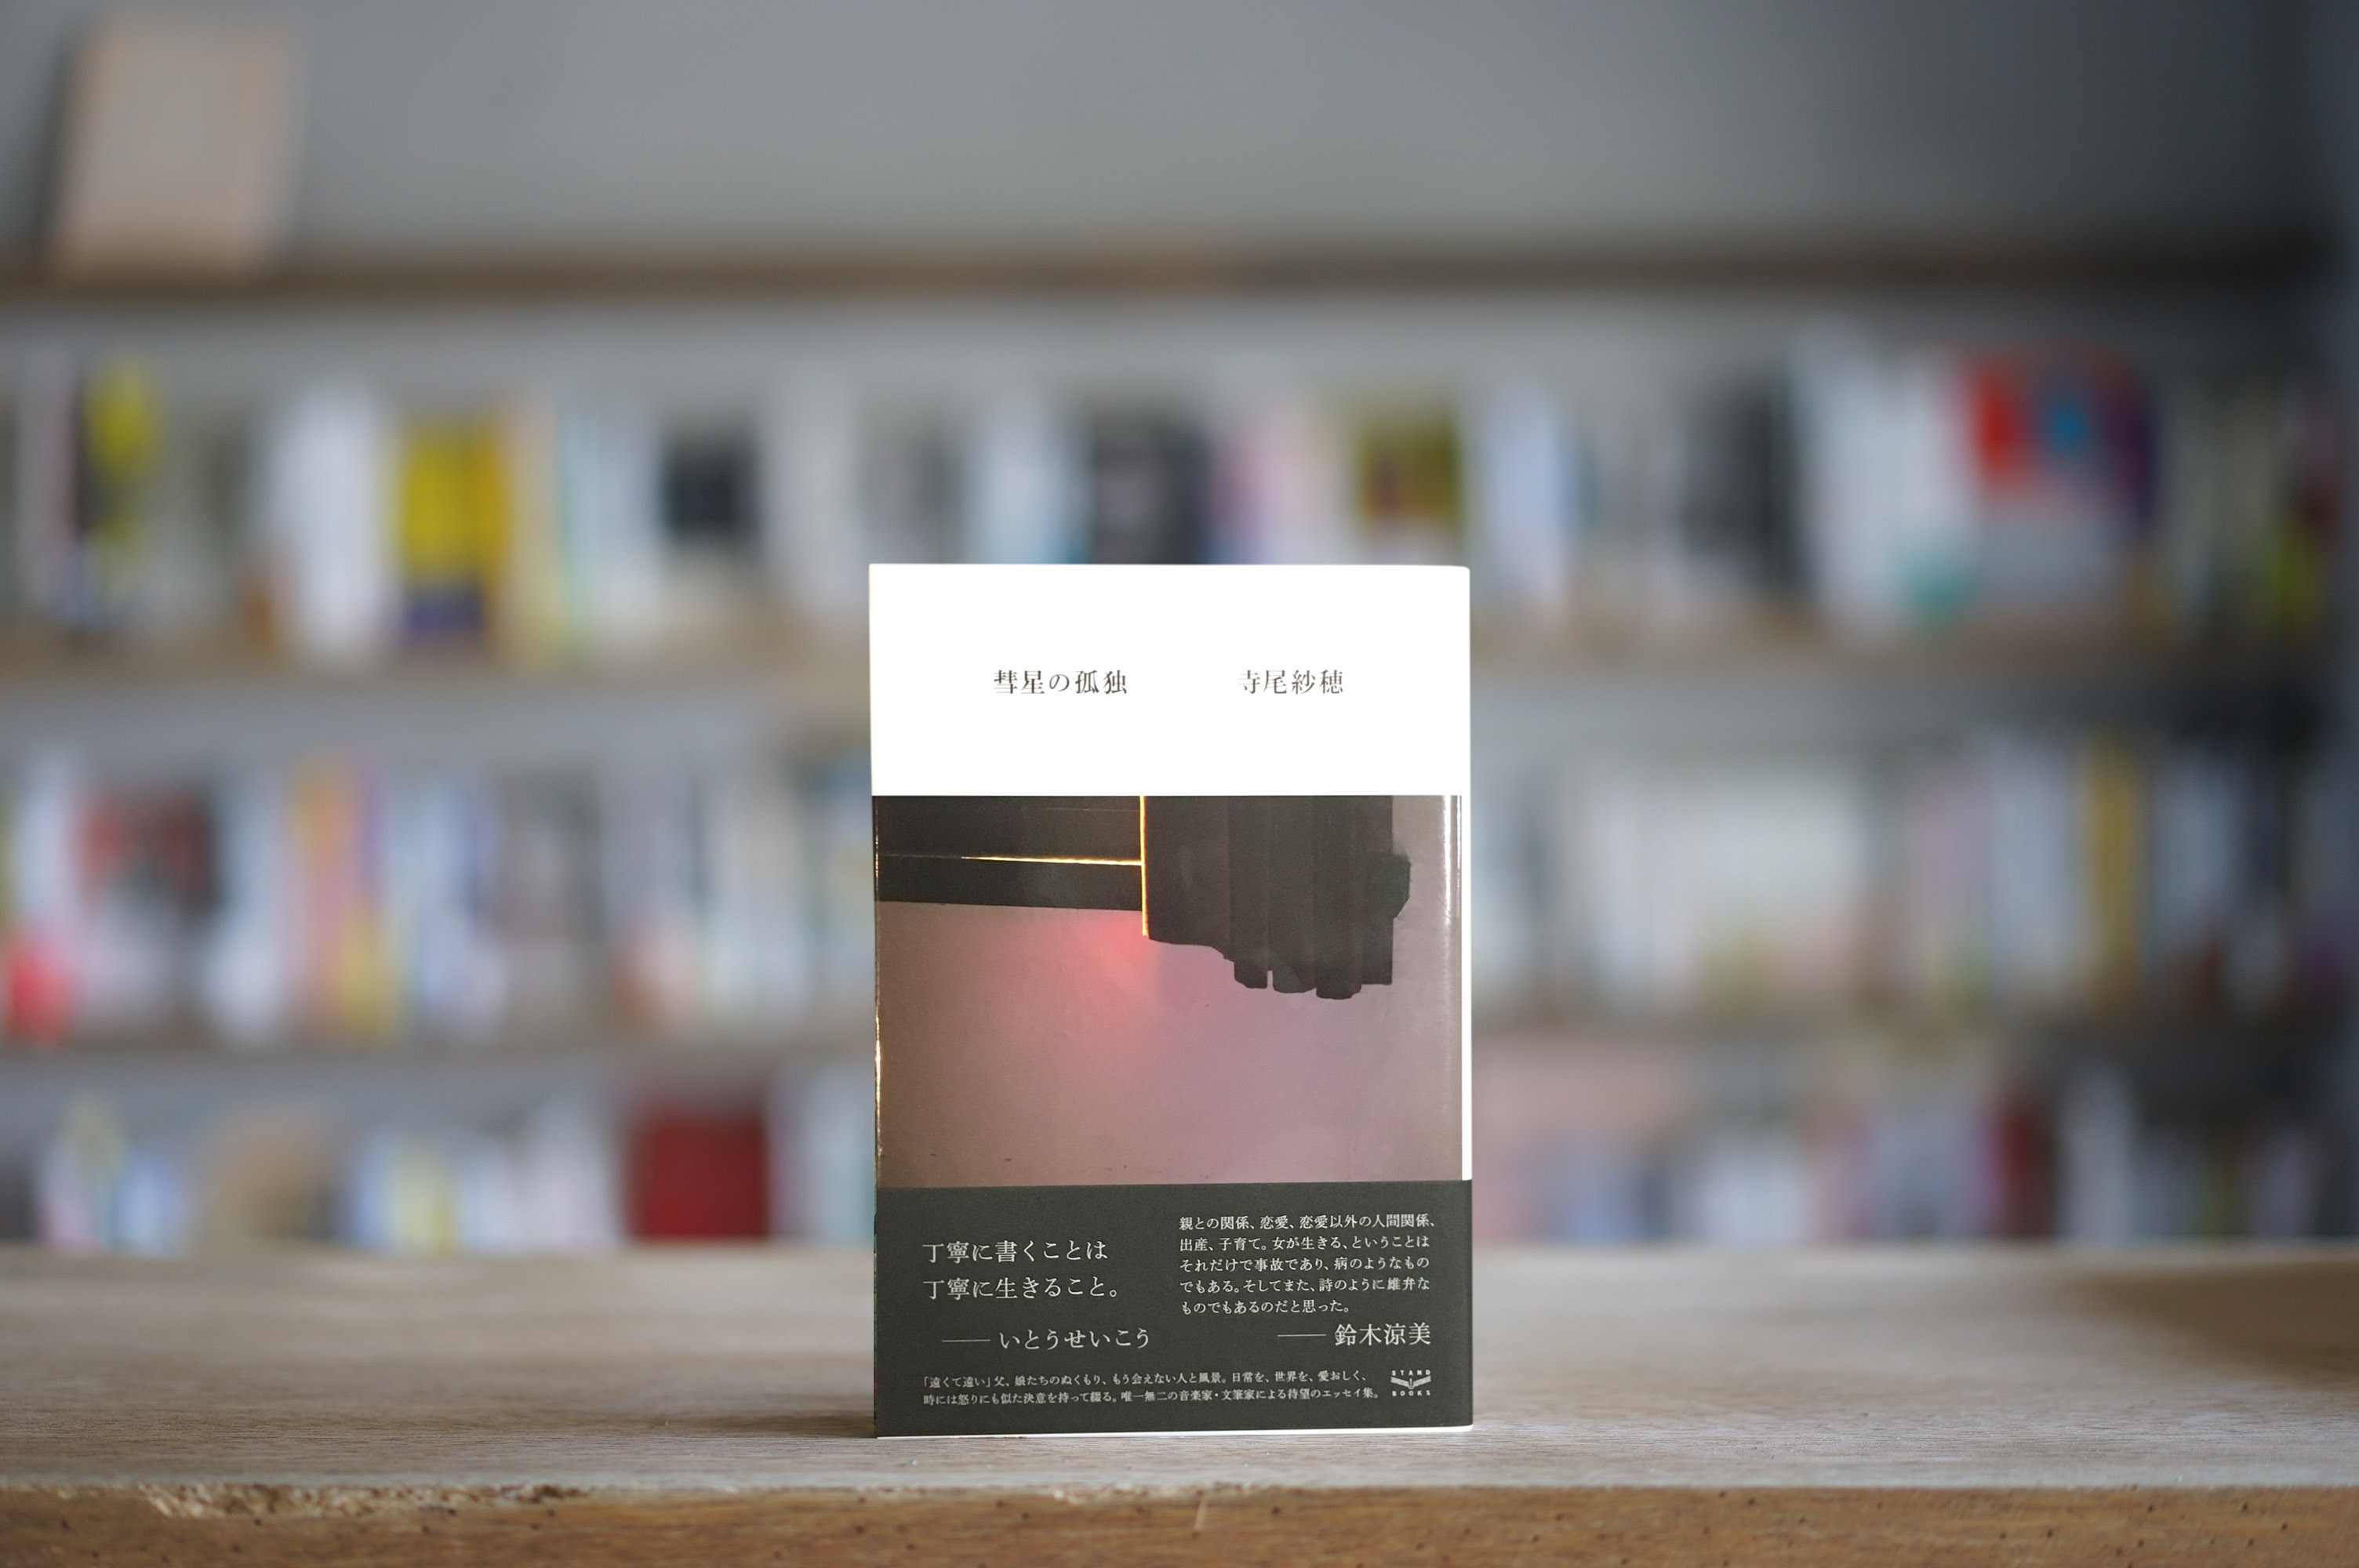 寺尾紗穂 『彗星の孤独』 (スタンド・ブックス、2018)